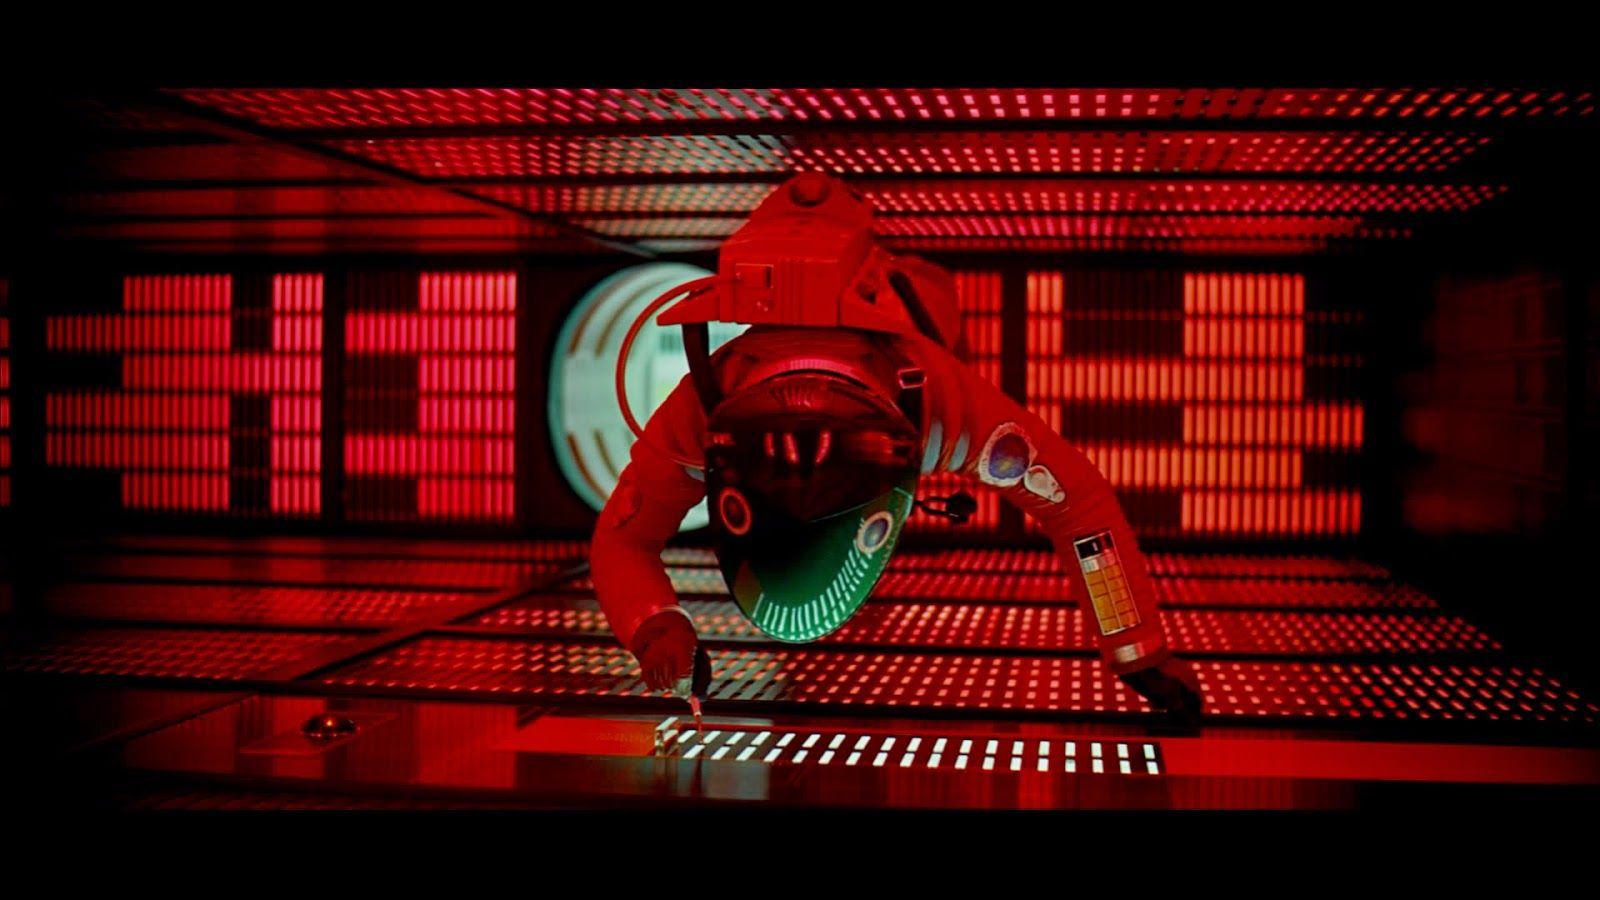 Resultado De Imagem Para 01 Uma Odisseia No Espaco 01 Uma Odisseia No Espaco Odisseia Imagens